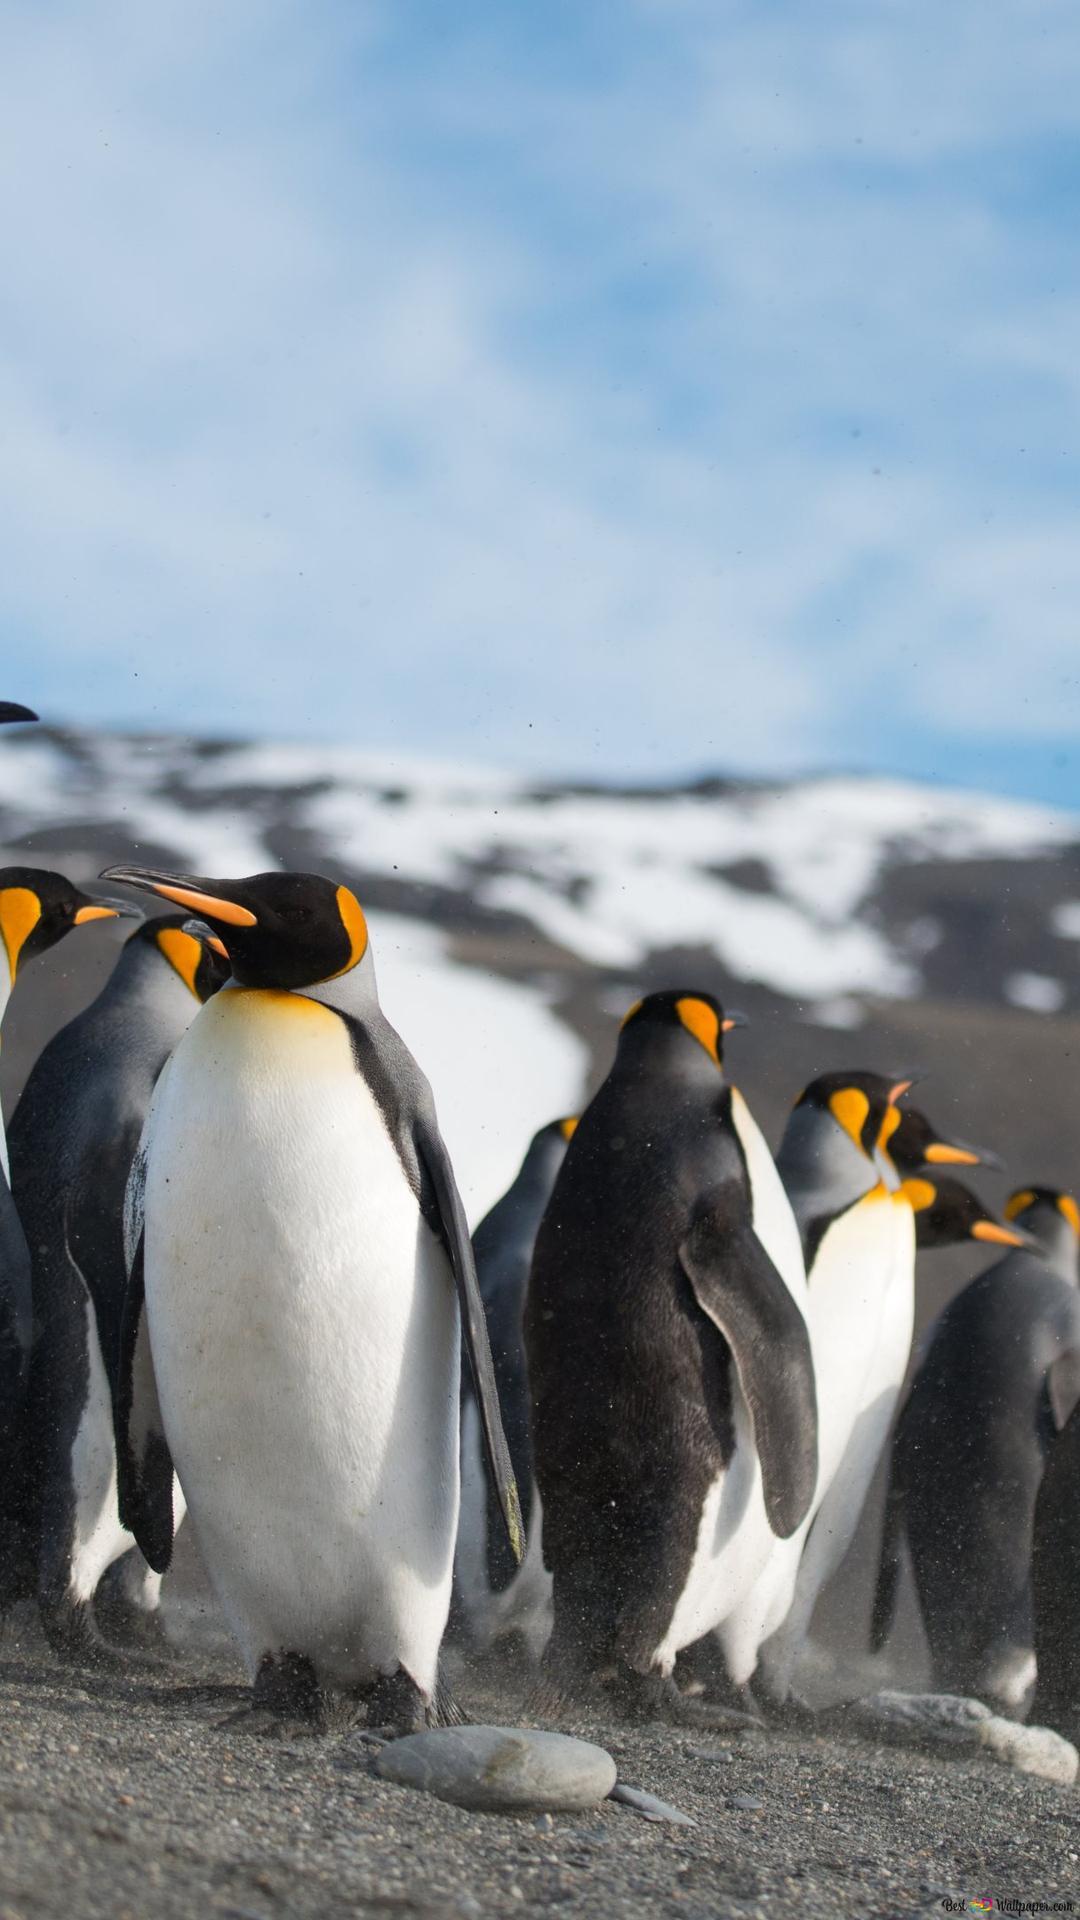 ペンギンの行進 Hd壁紙のダウンロード